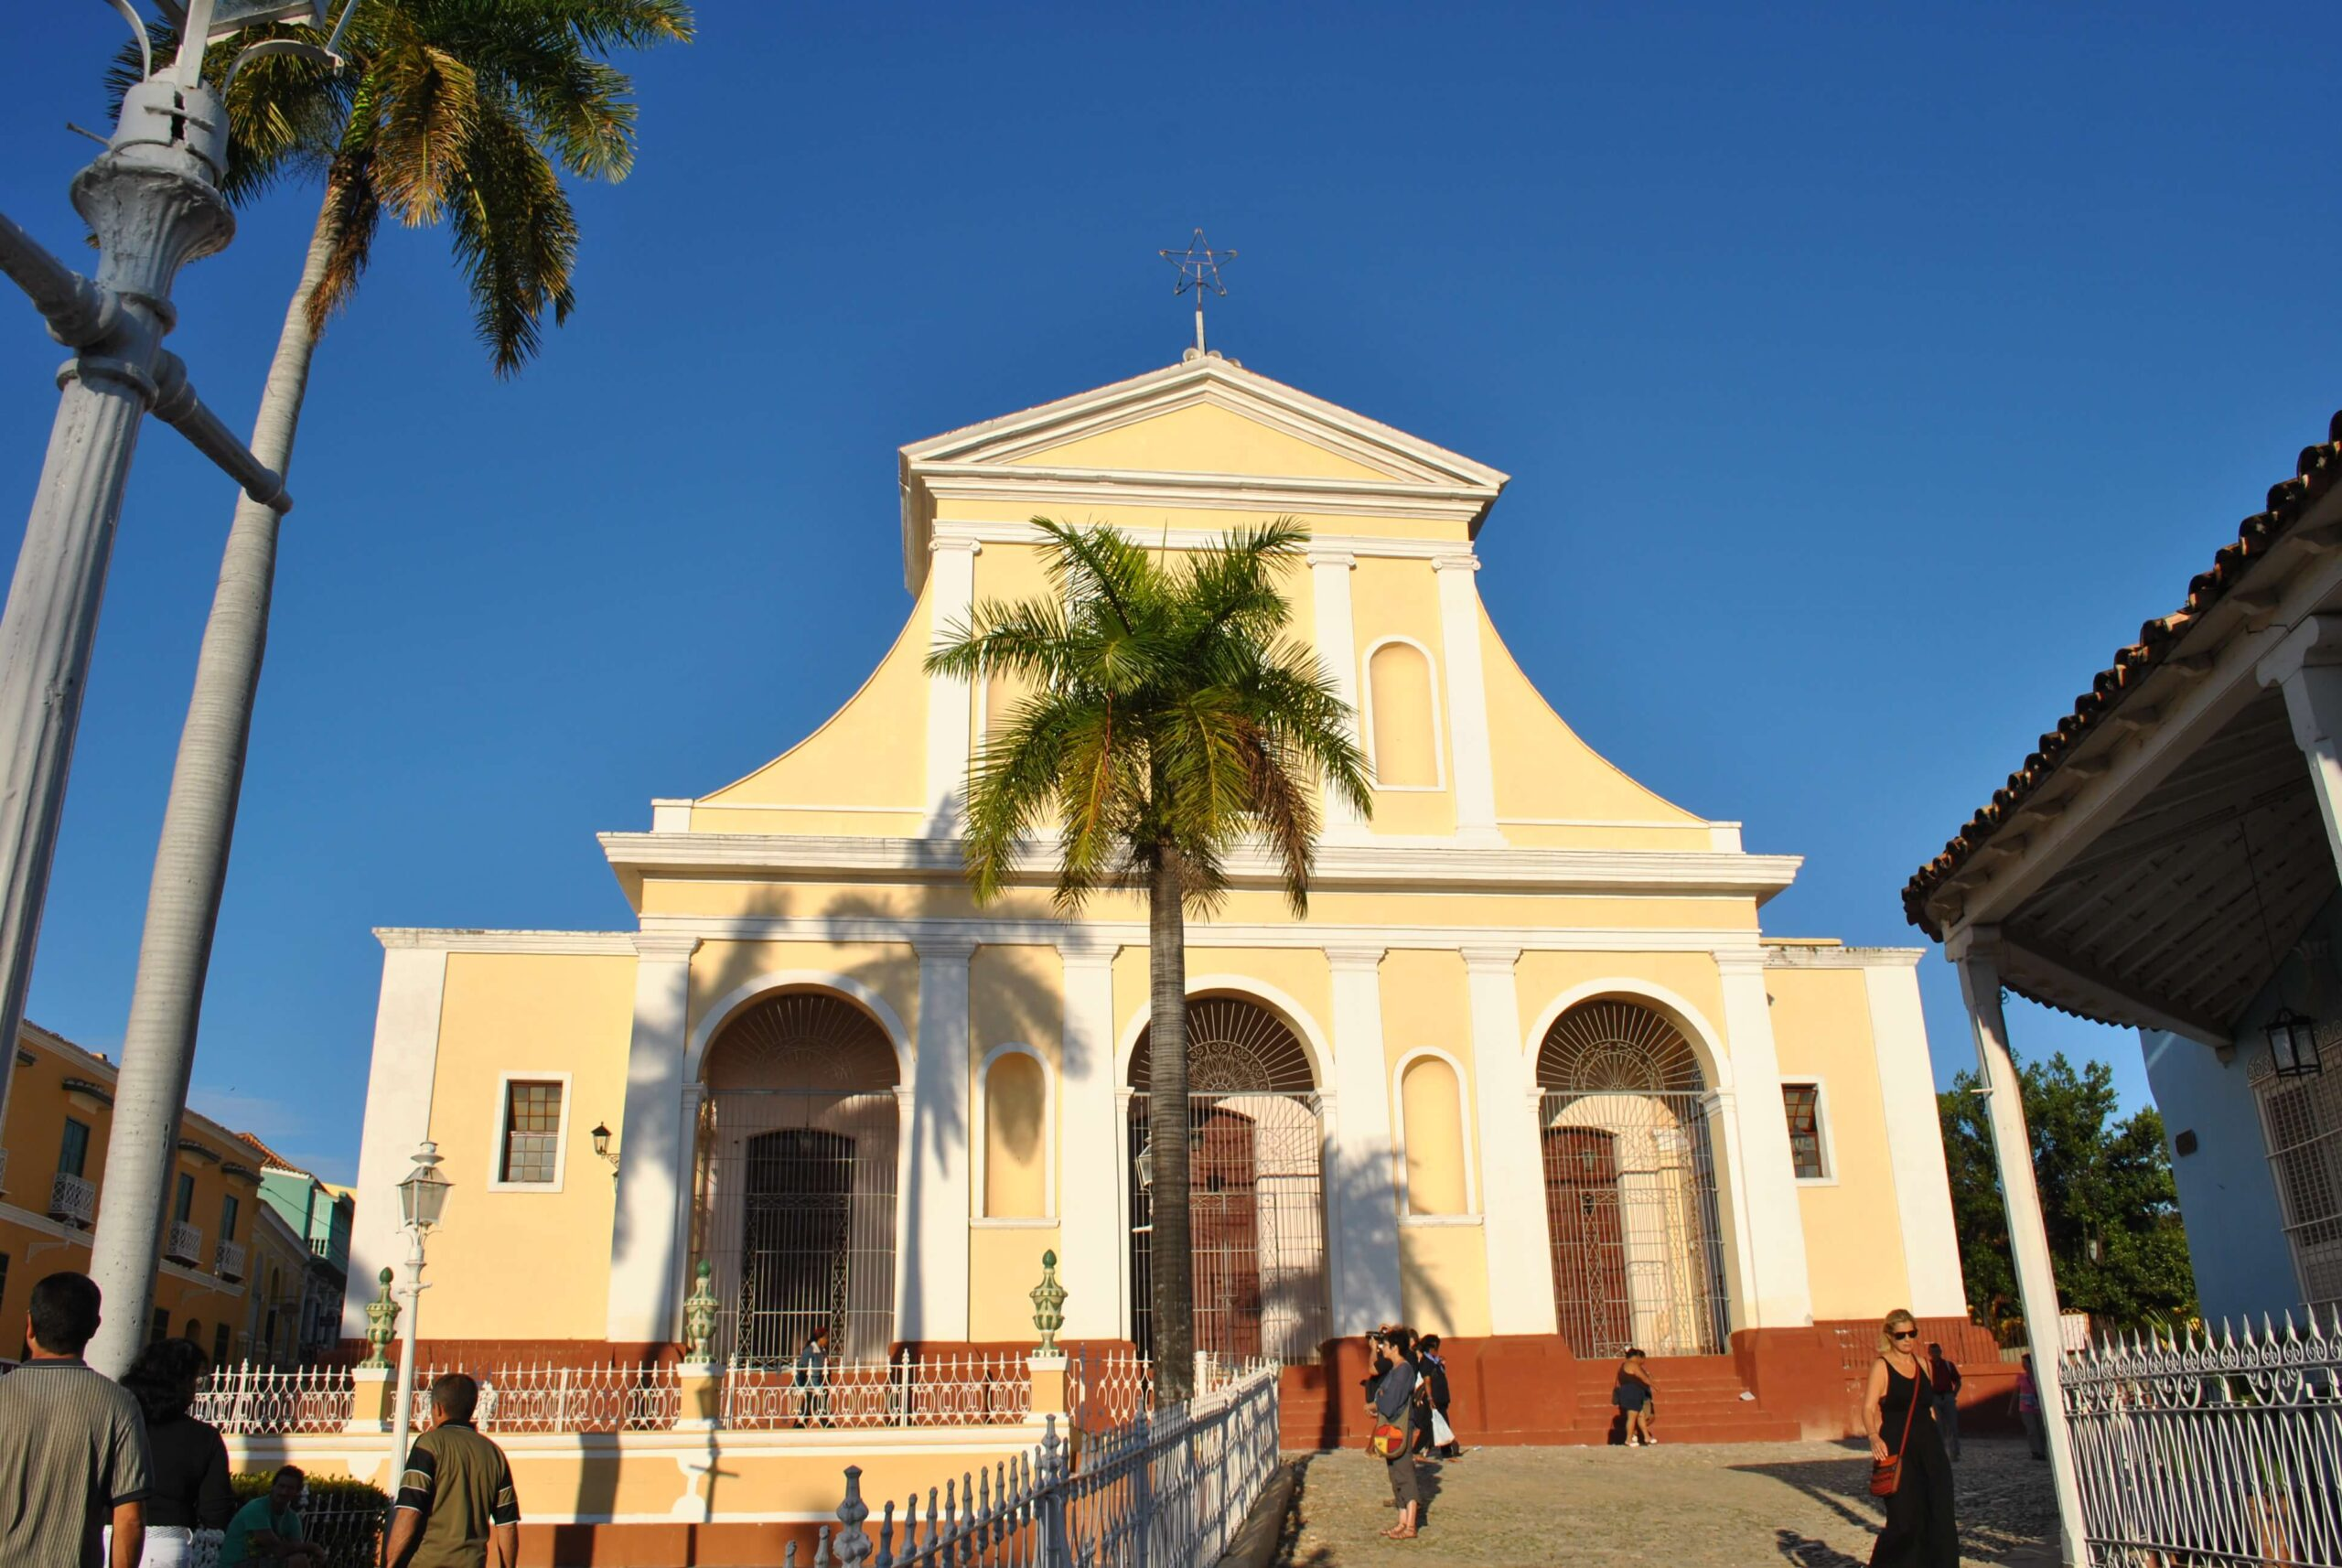 Trynidad – miasteczko pełne niskich, kolorowych domków ibrukowanych uliczek, którymi co jakiś czas przejeżdżają konno kubańscy campesinos wcharakterystycznych kowbojskich kapeluszach.